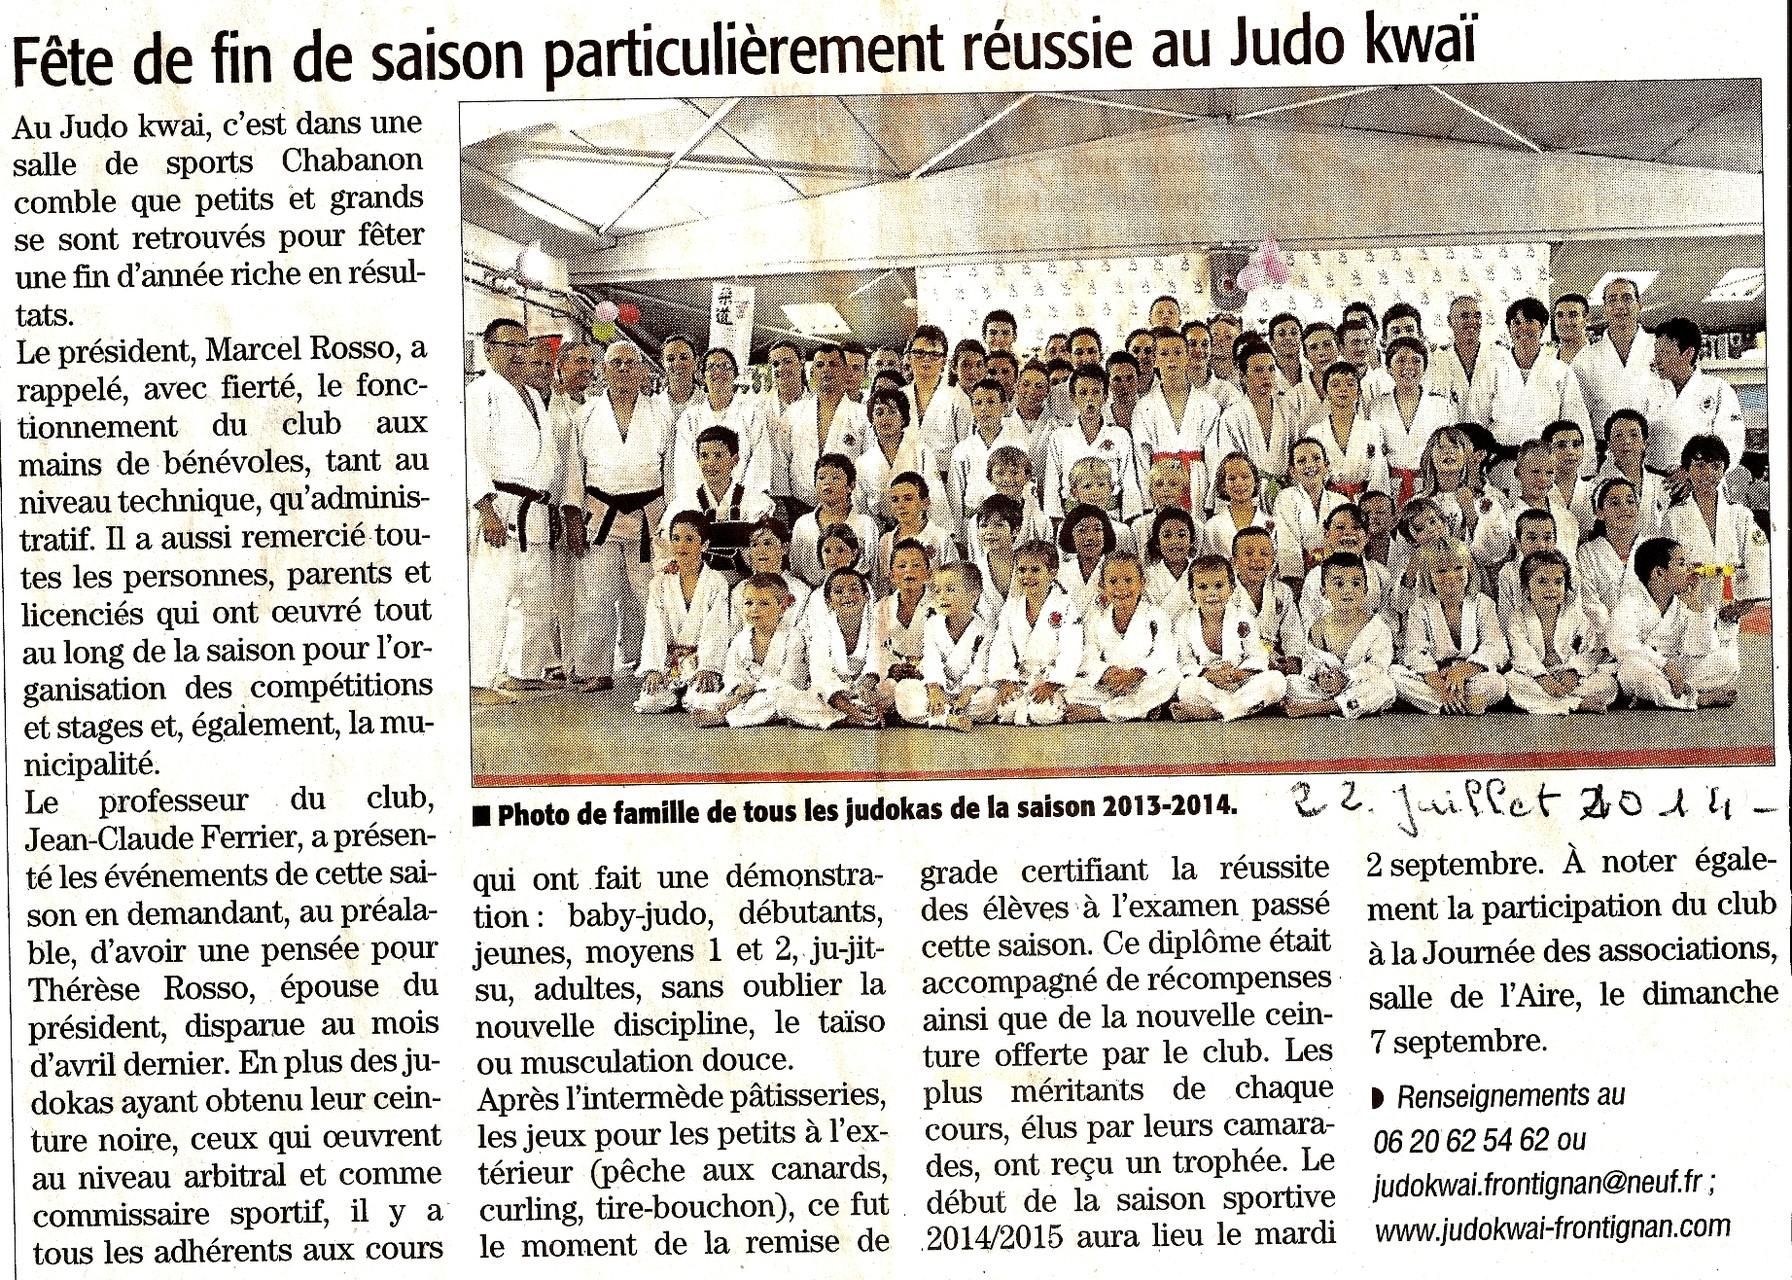 22 Juillet 2014 (Midi Libre): Fête du Club